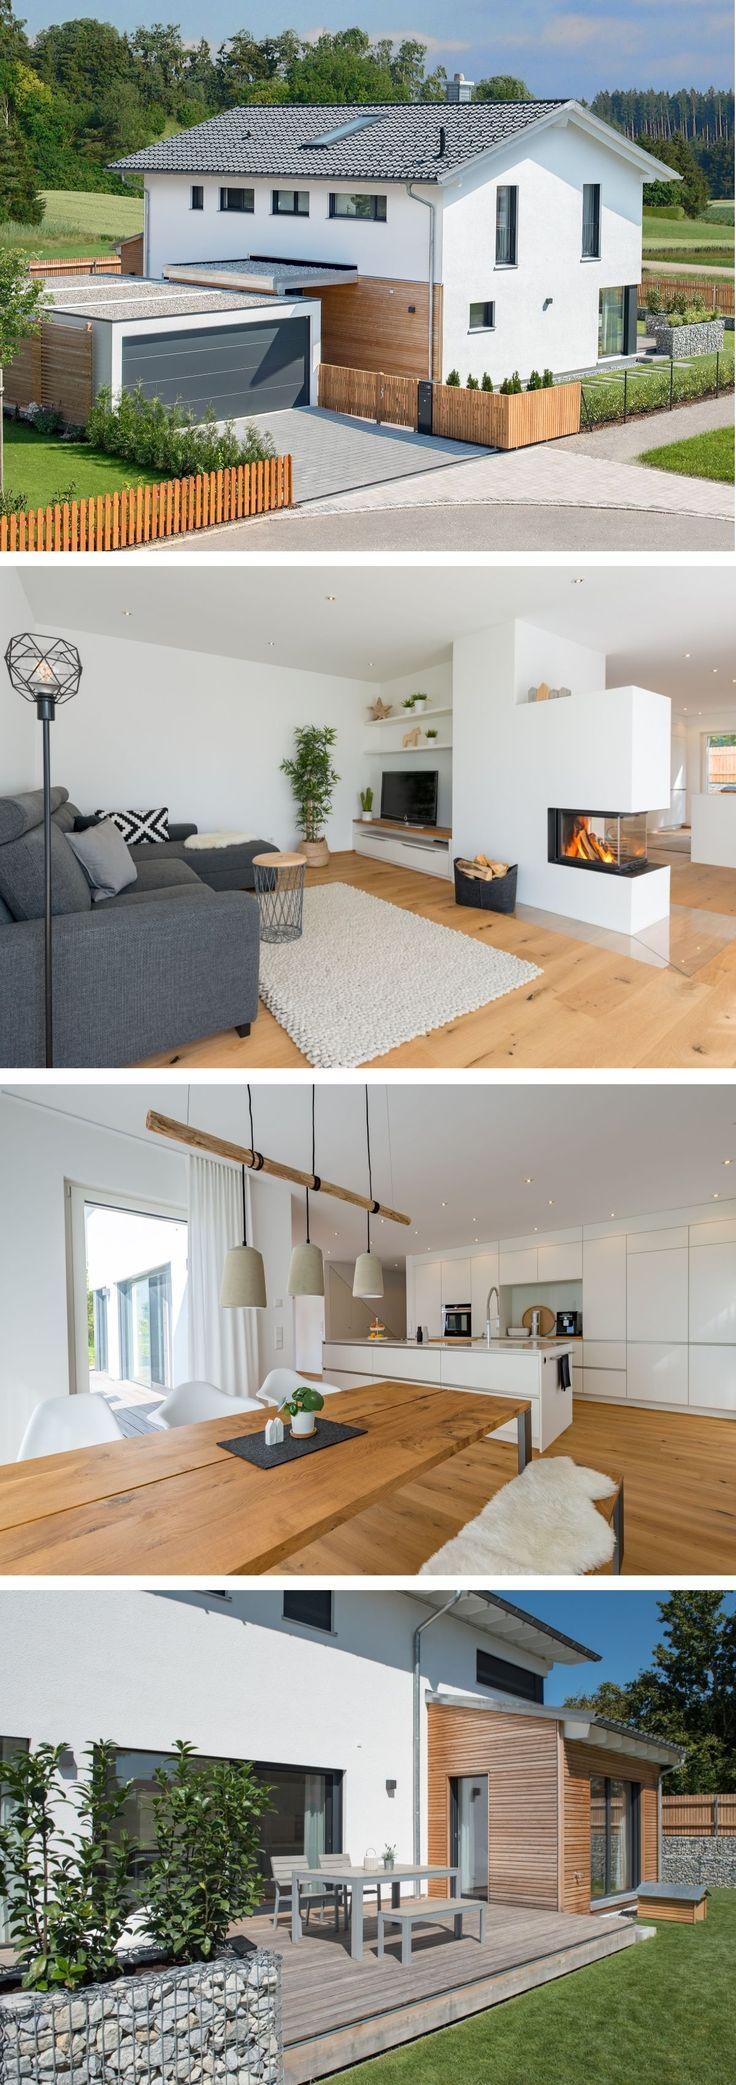 Einfamilienhaus Architektur im Landhausstil modern…